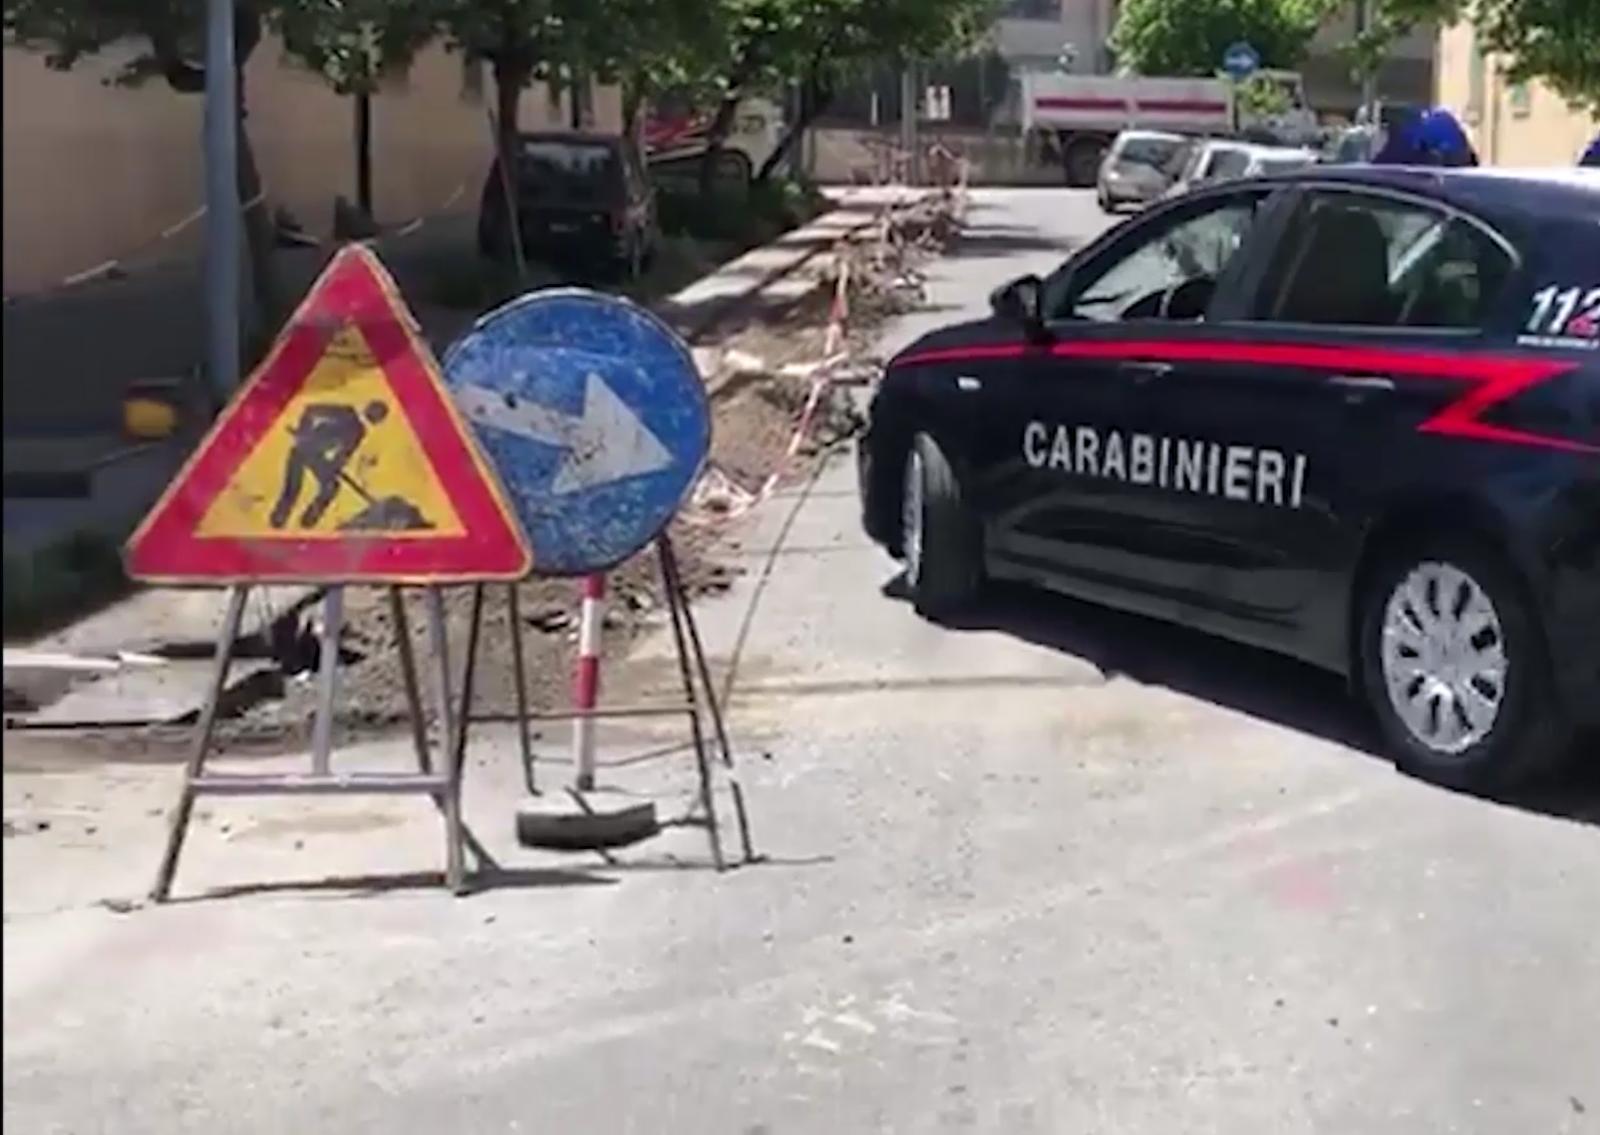 Tentata estorsione aggravata: arrestato 35enne dai carabinieri